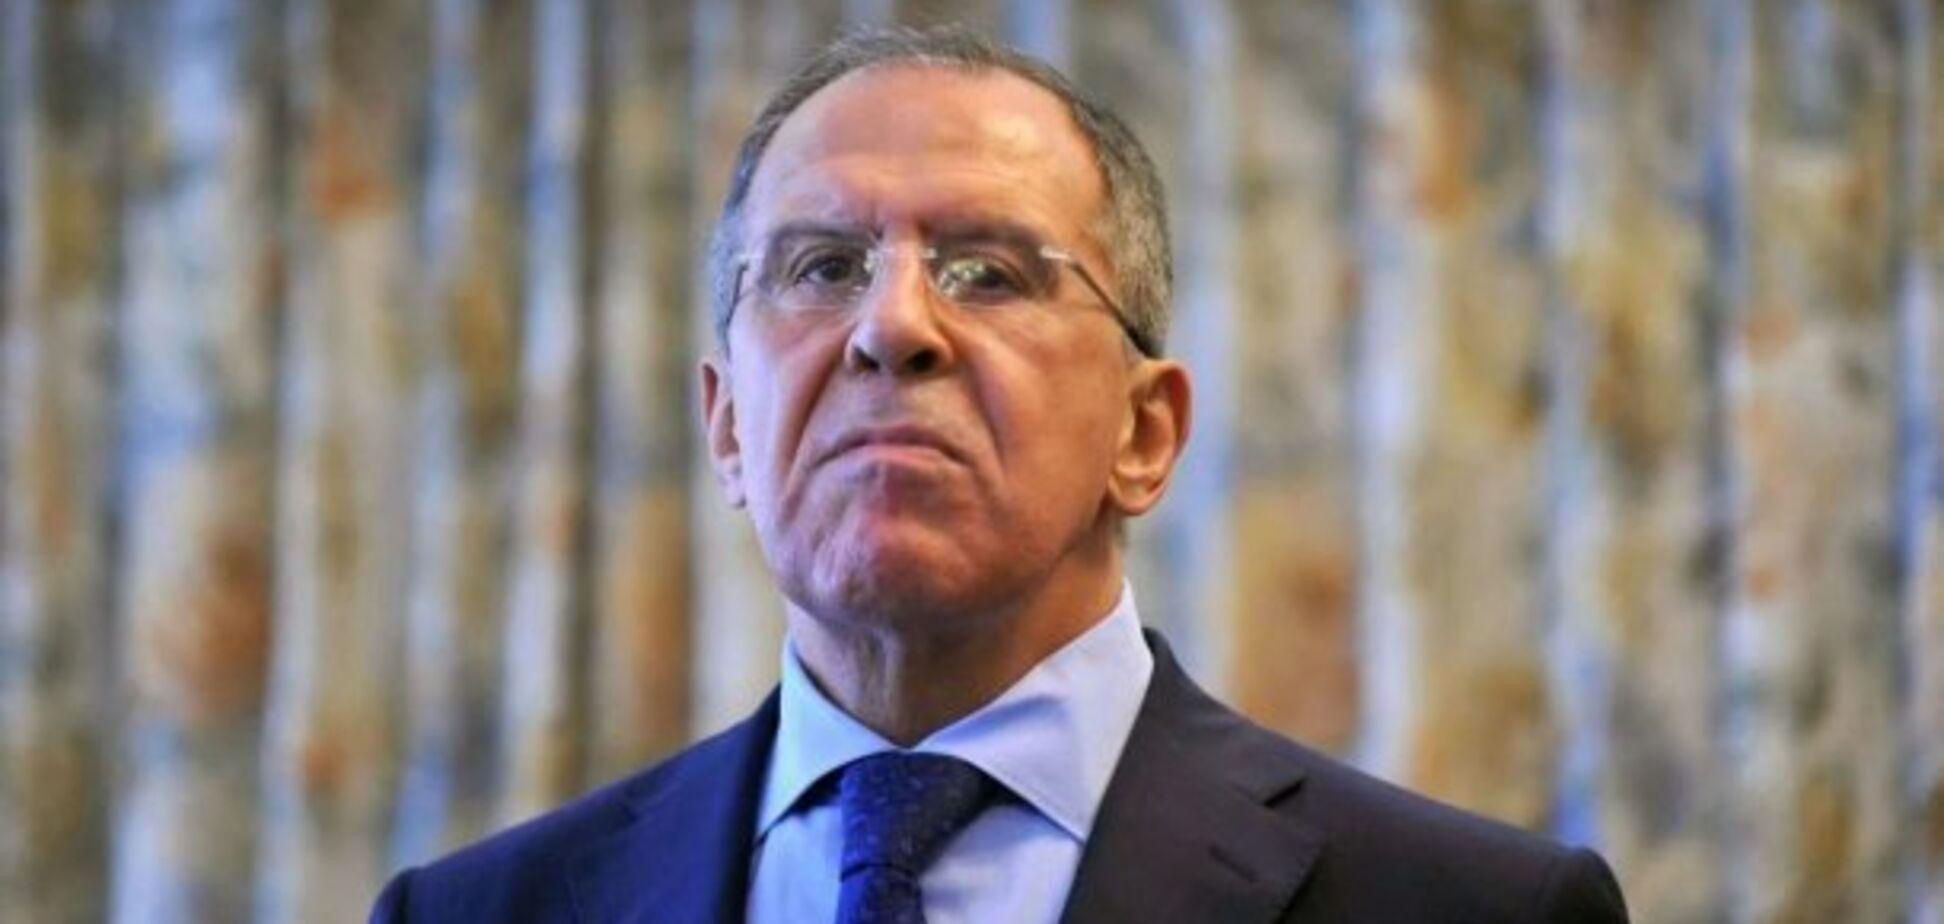 Лавров звинуватив Україну в підготовці 'силового сценарію' на Донбасі